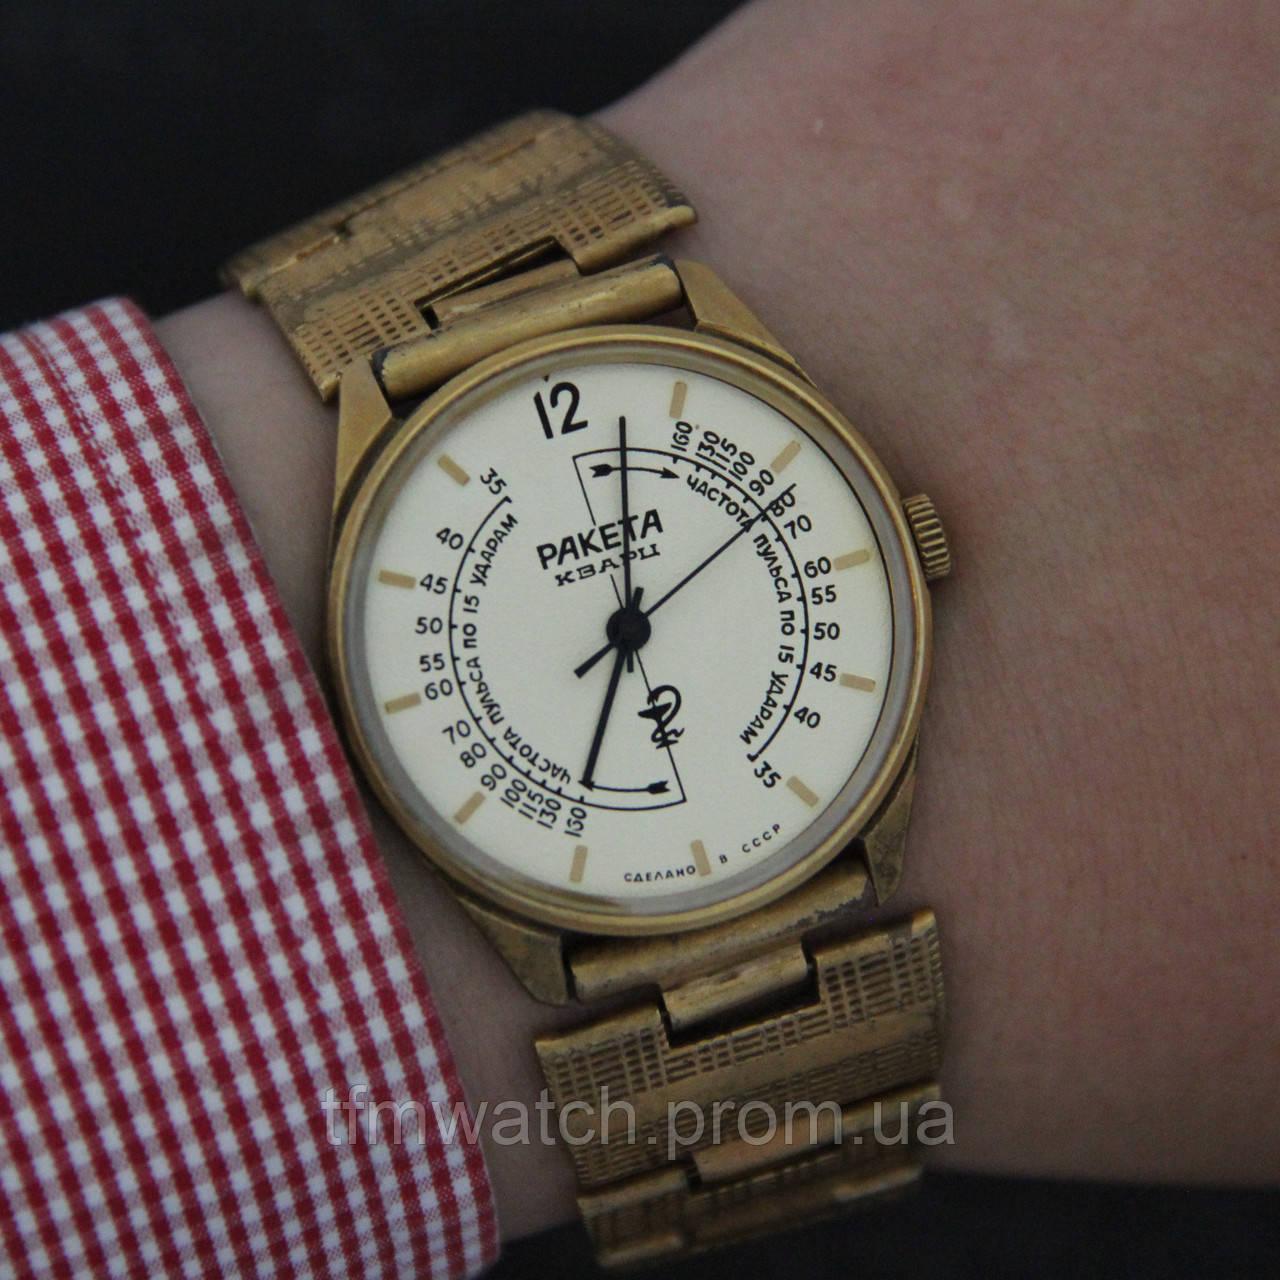 Каталог кварц ссср стоимость и ракета часы продать алматы в где часы